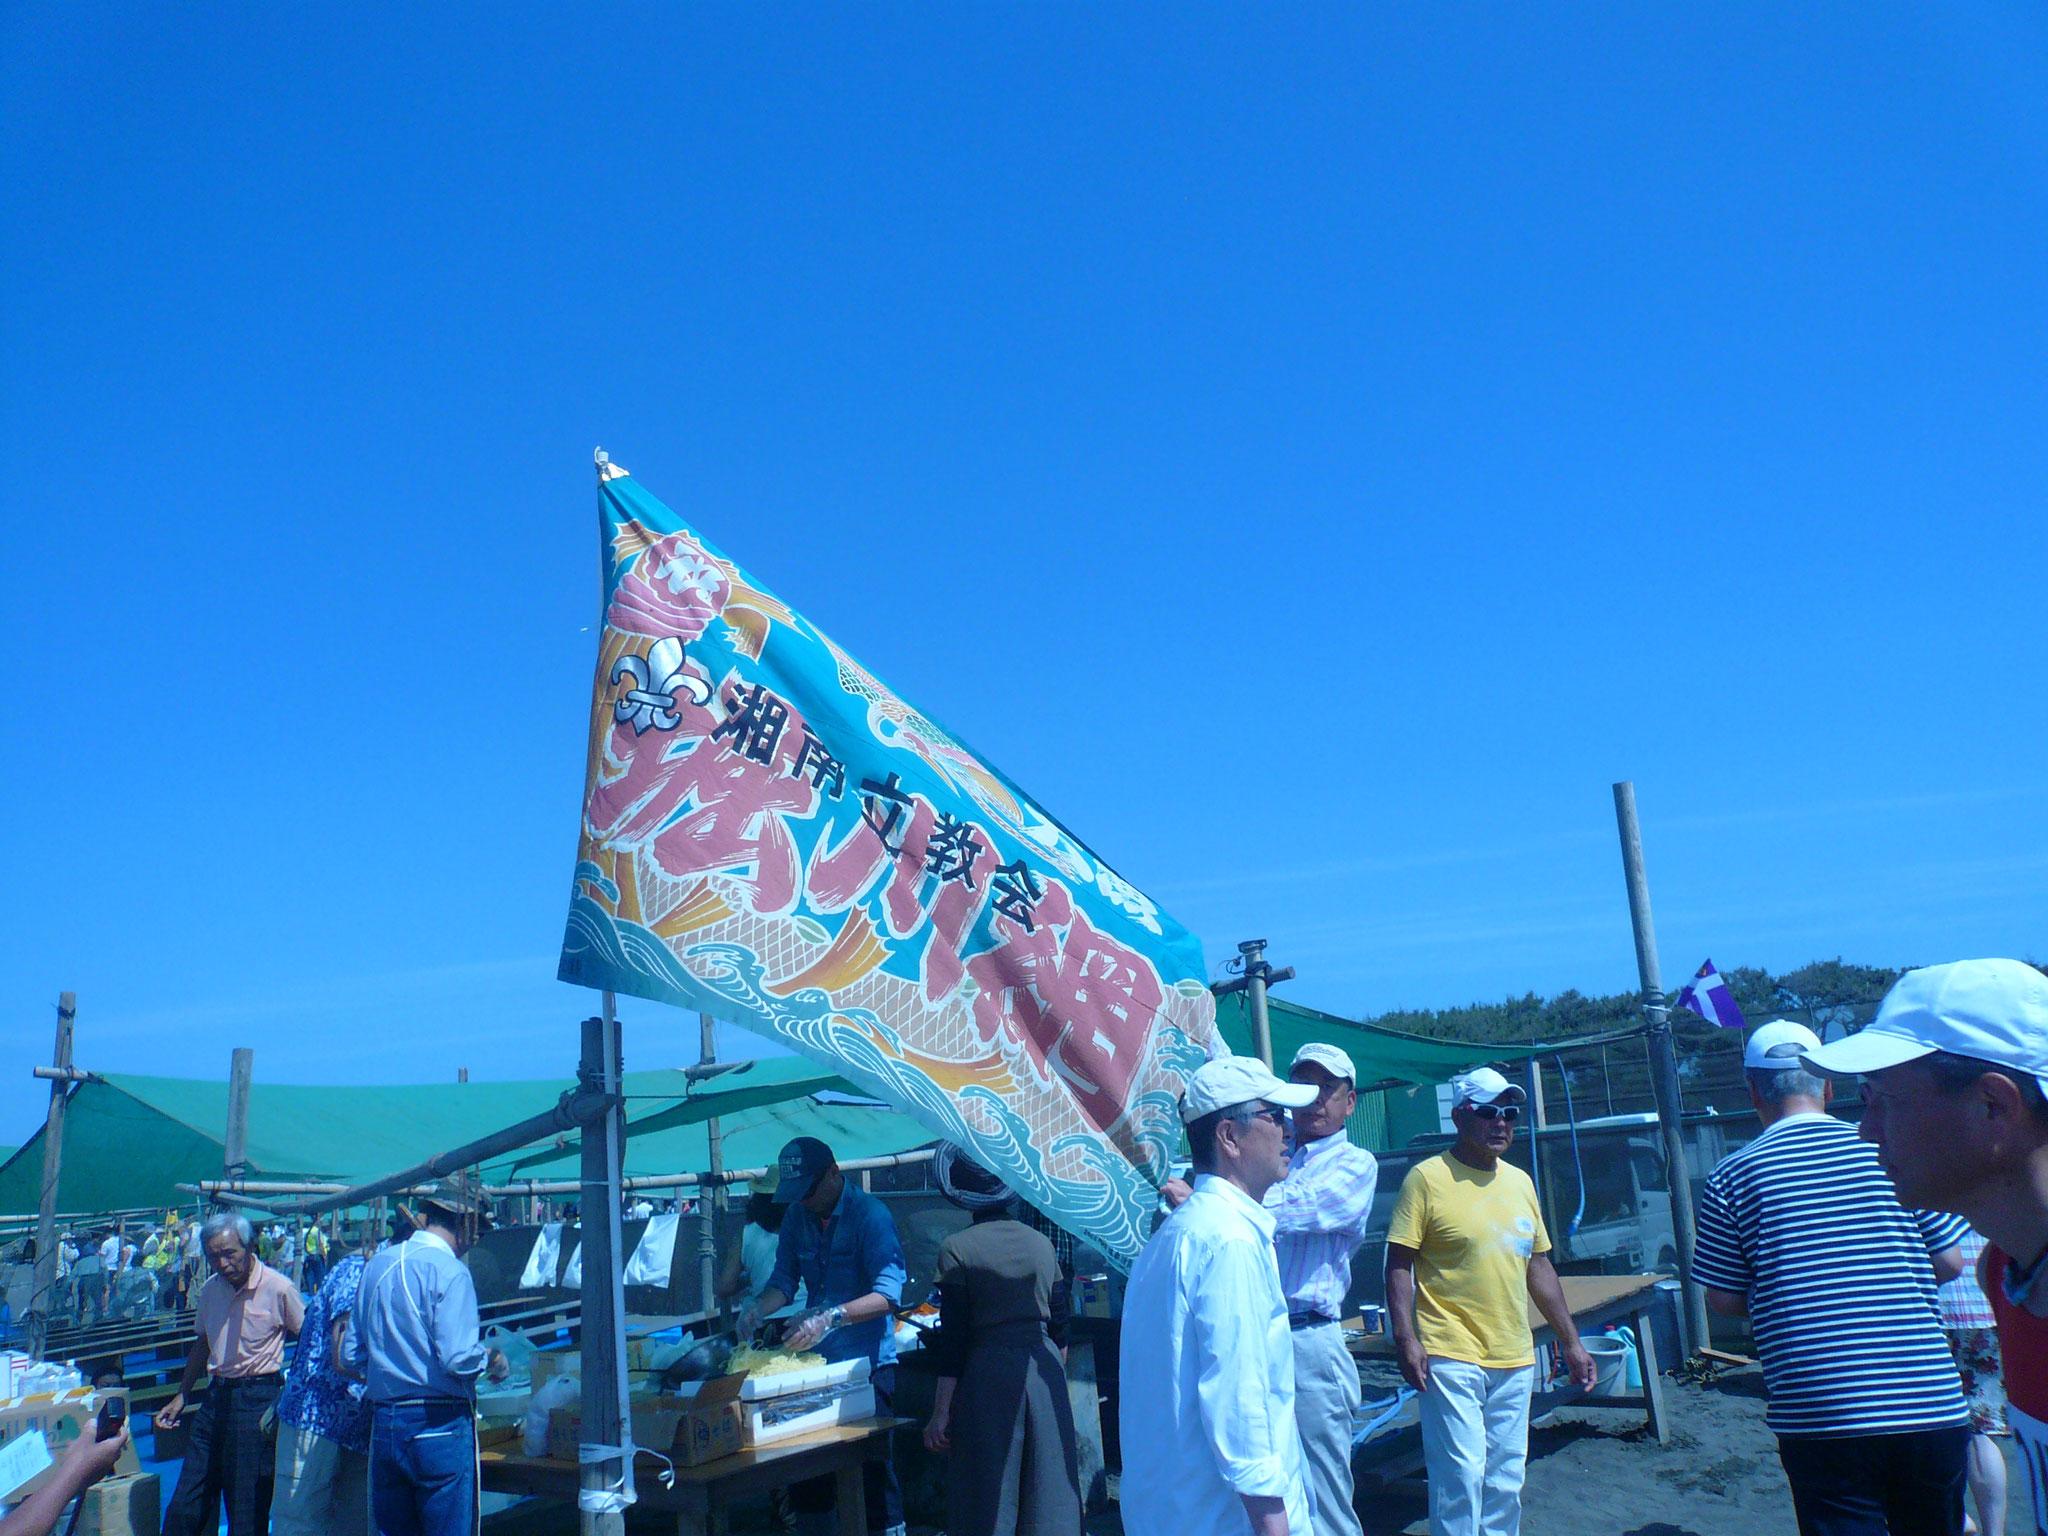 風がなく大漁旗支える